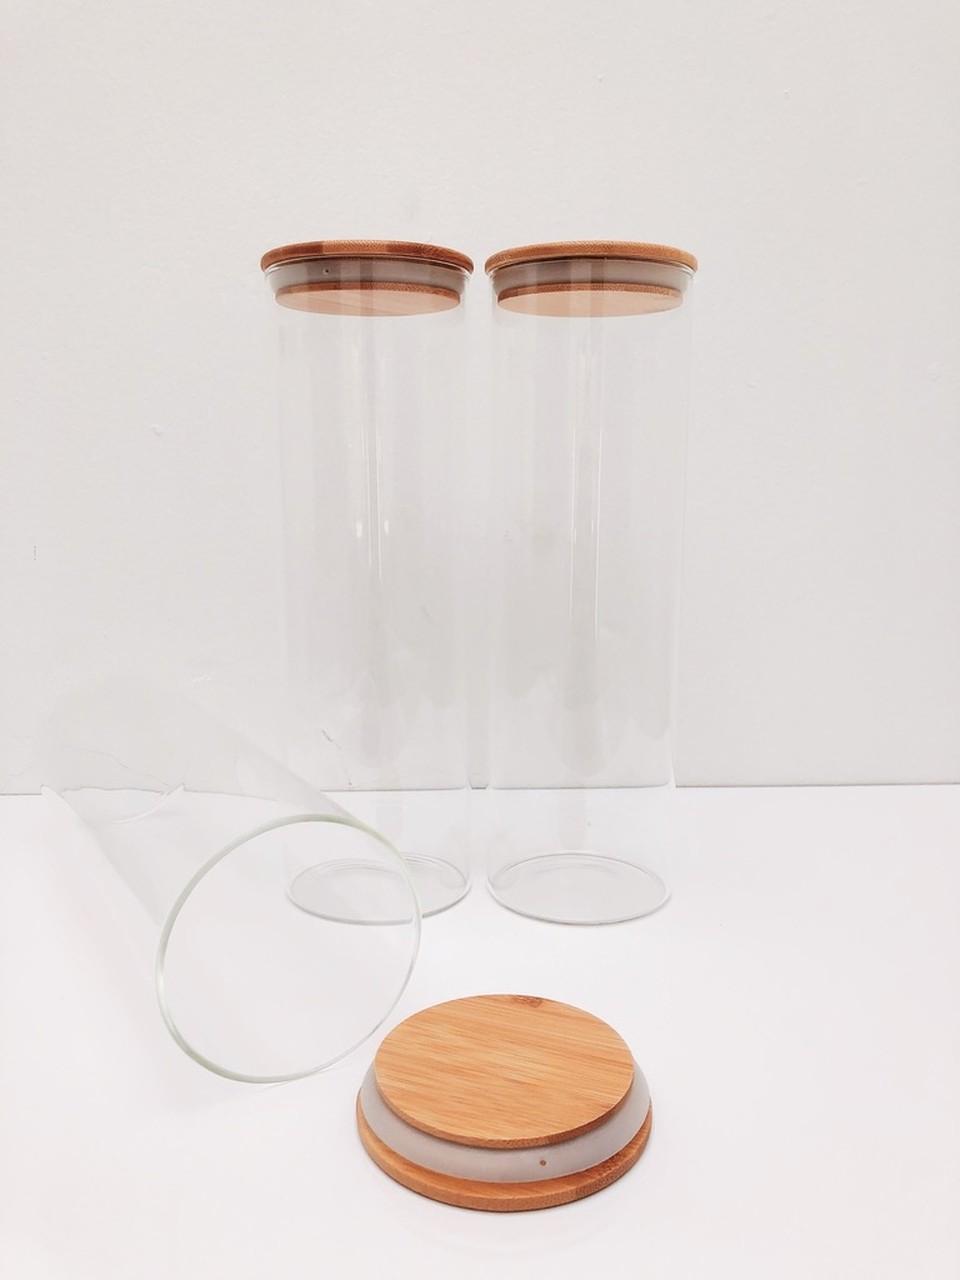 Kit Pote de Vidro com Tampa de Bambu 2000ml - 3 Peças  - CASACOBRE